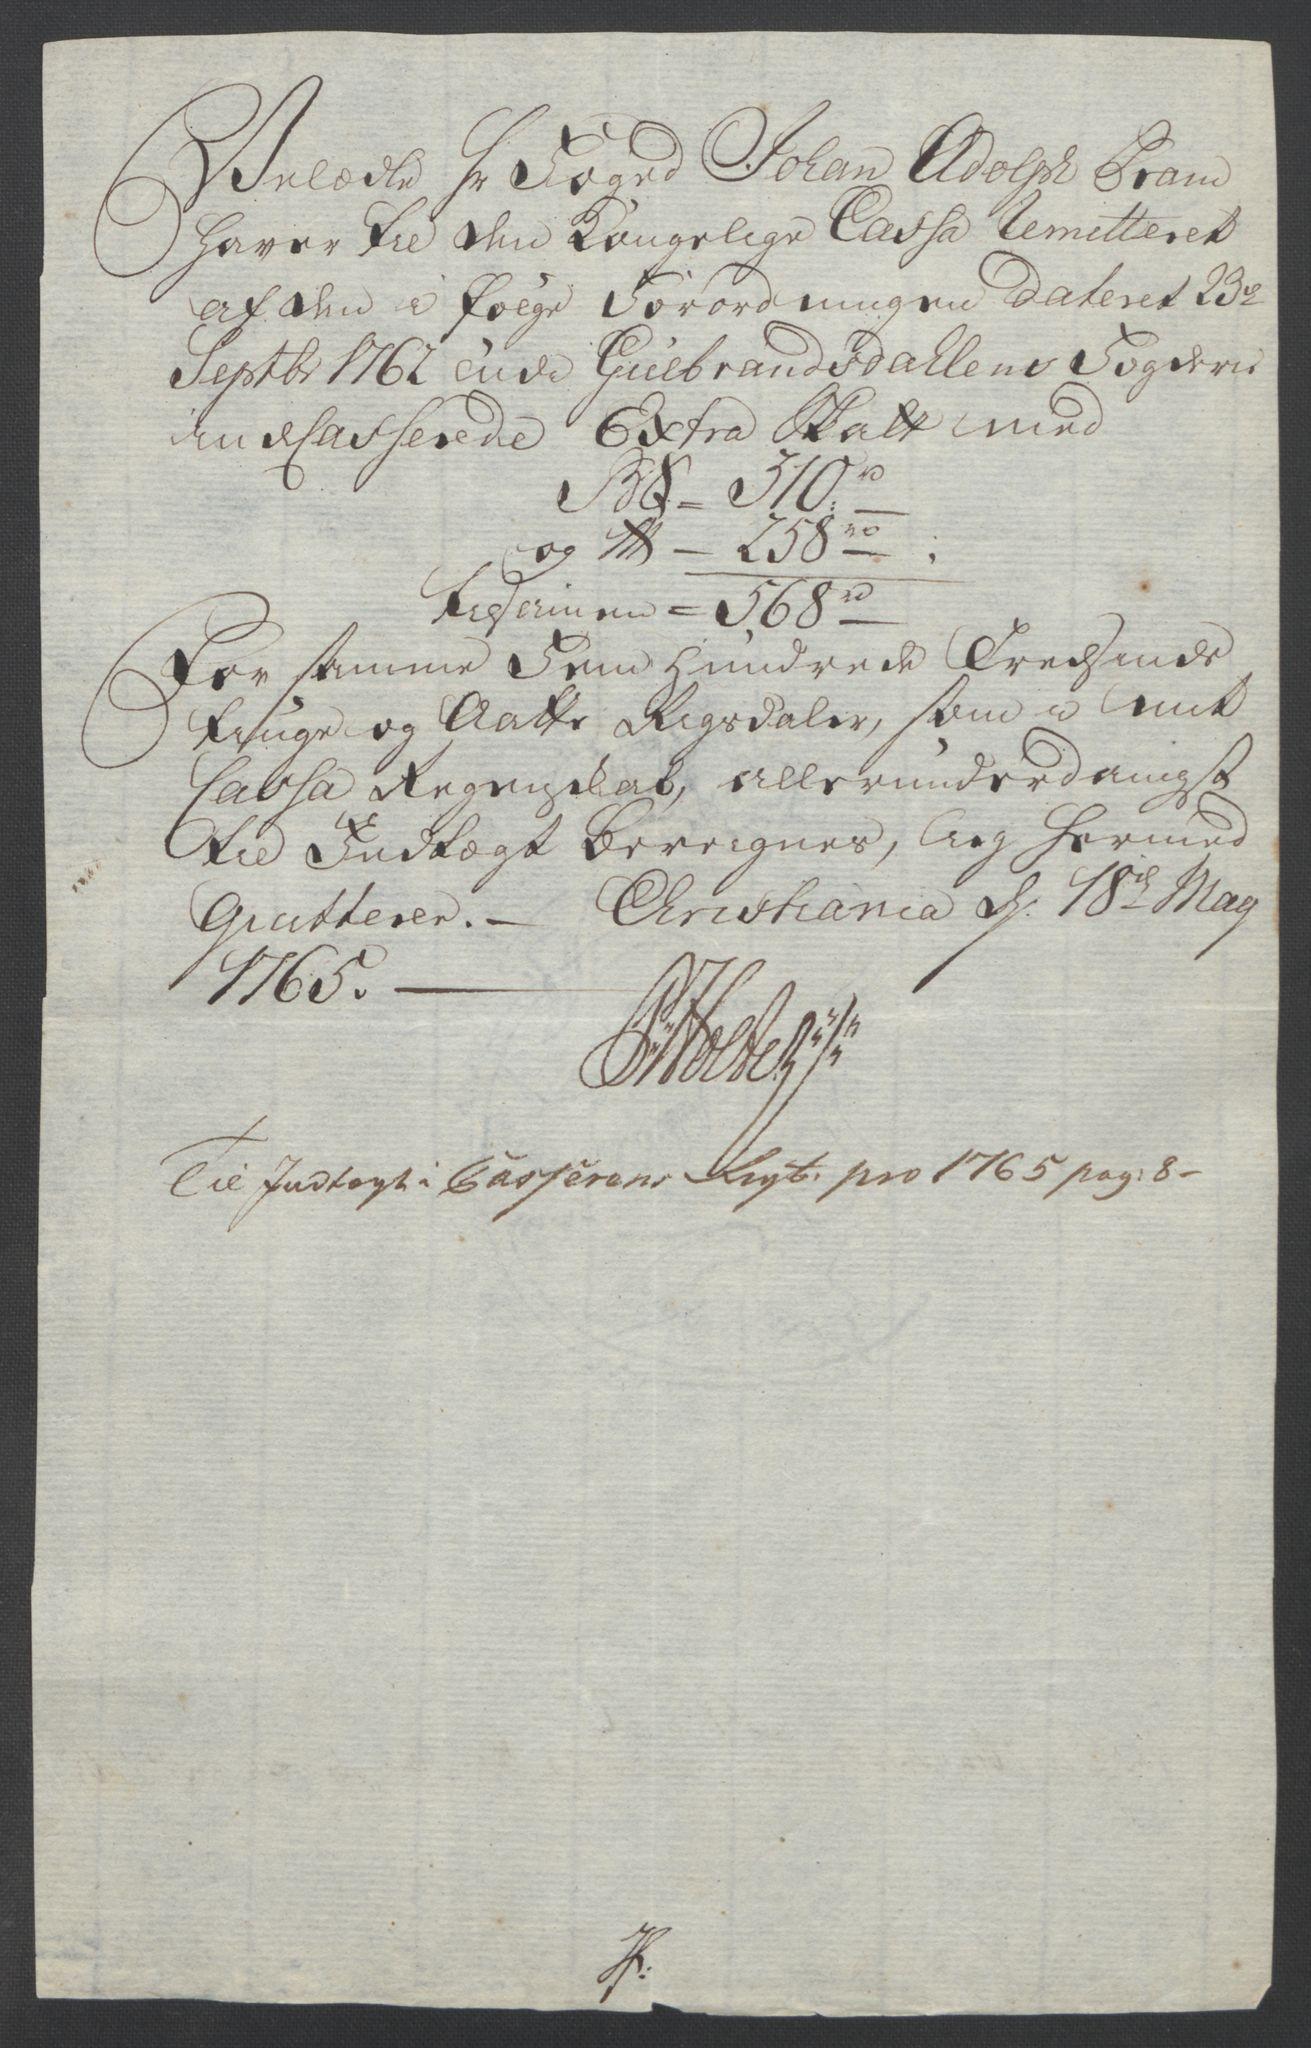 RA, Rentekammeret inntil 1814, Reviderte regnskaper, Fogderegnskap, R17/L1266: Ekstraskatten Gudbrandsdal, 1762-1766, s. 523